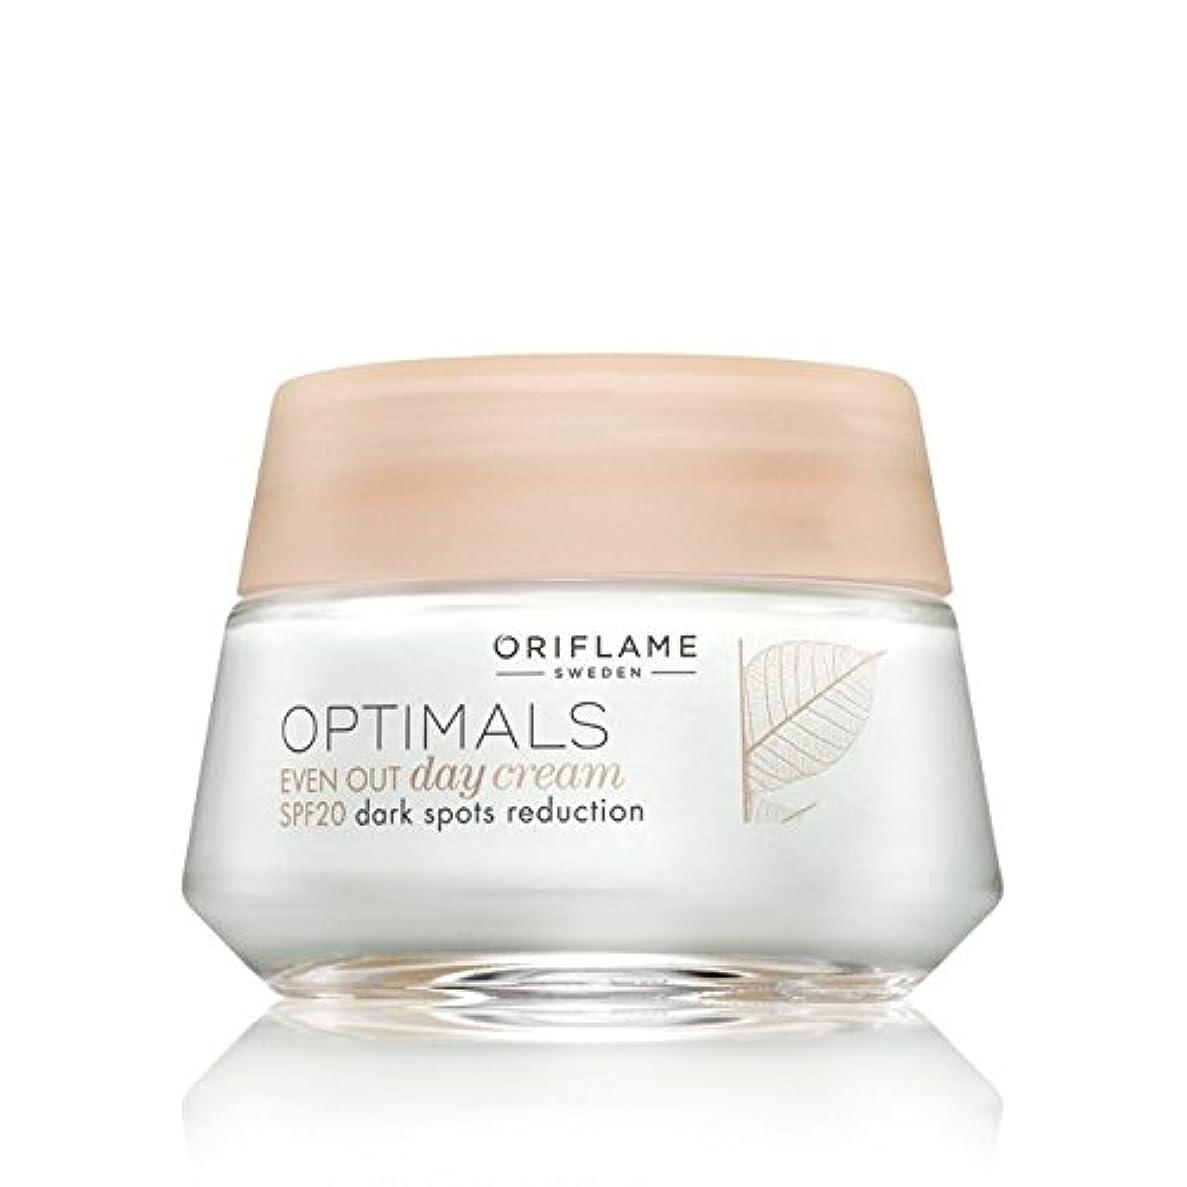 召喚する砂慈悲深いOriflame Optimals SPF 20 Dark Spot Reduction Even Out Day Cream, 50ml